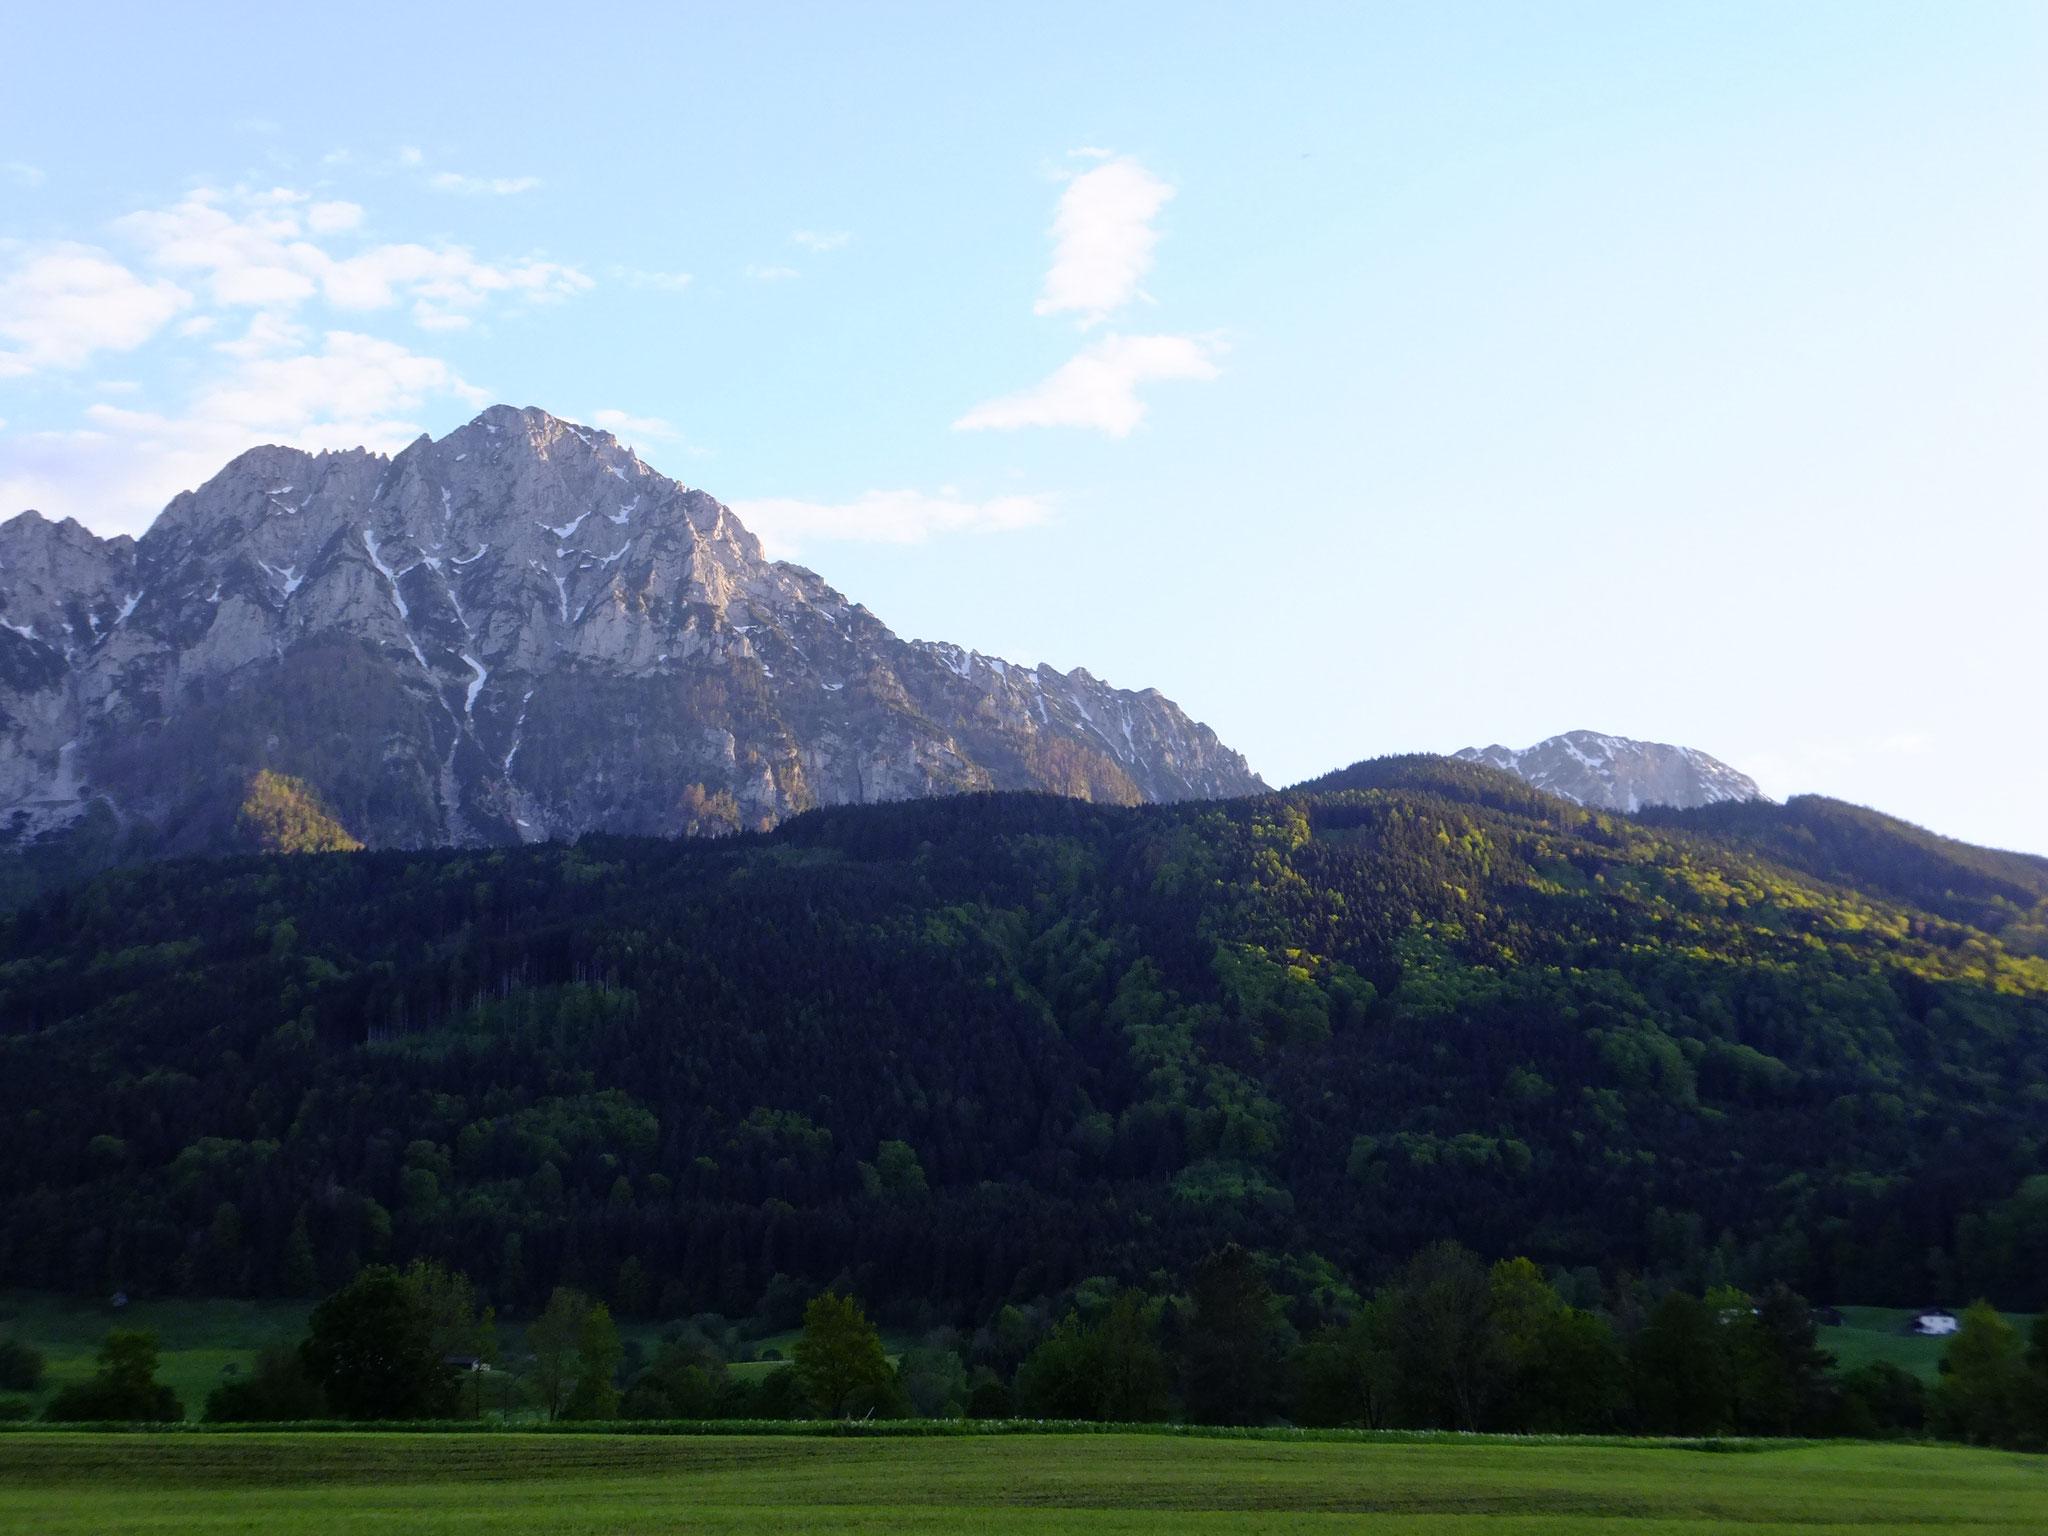 Blick Richtung Staufen mit Bergwald im Frühling